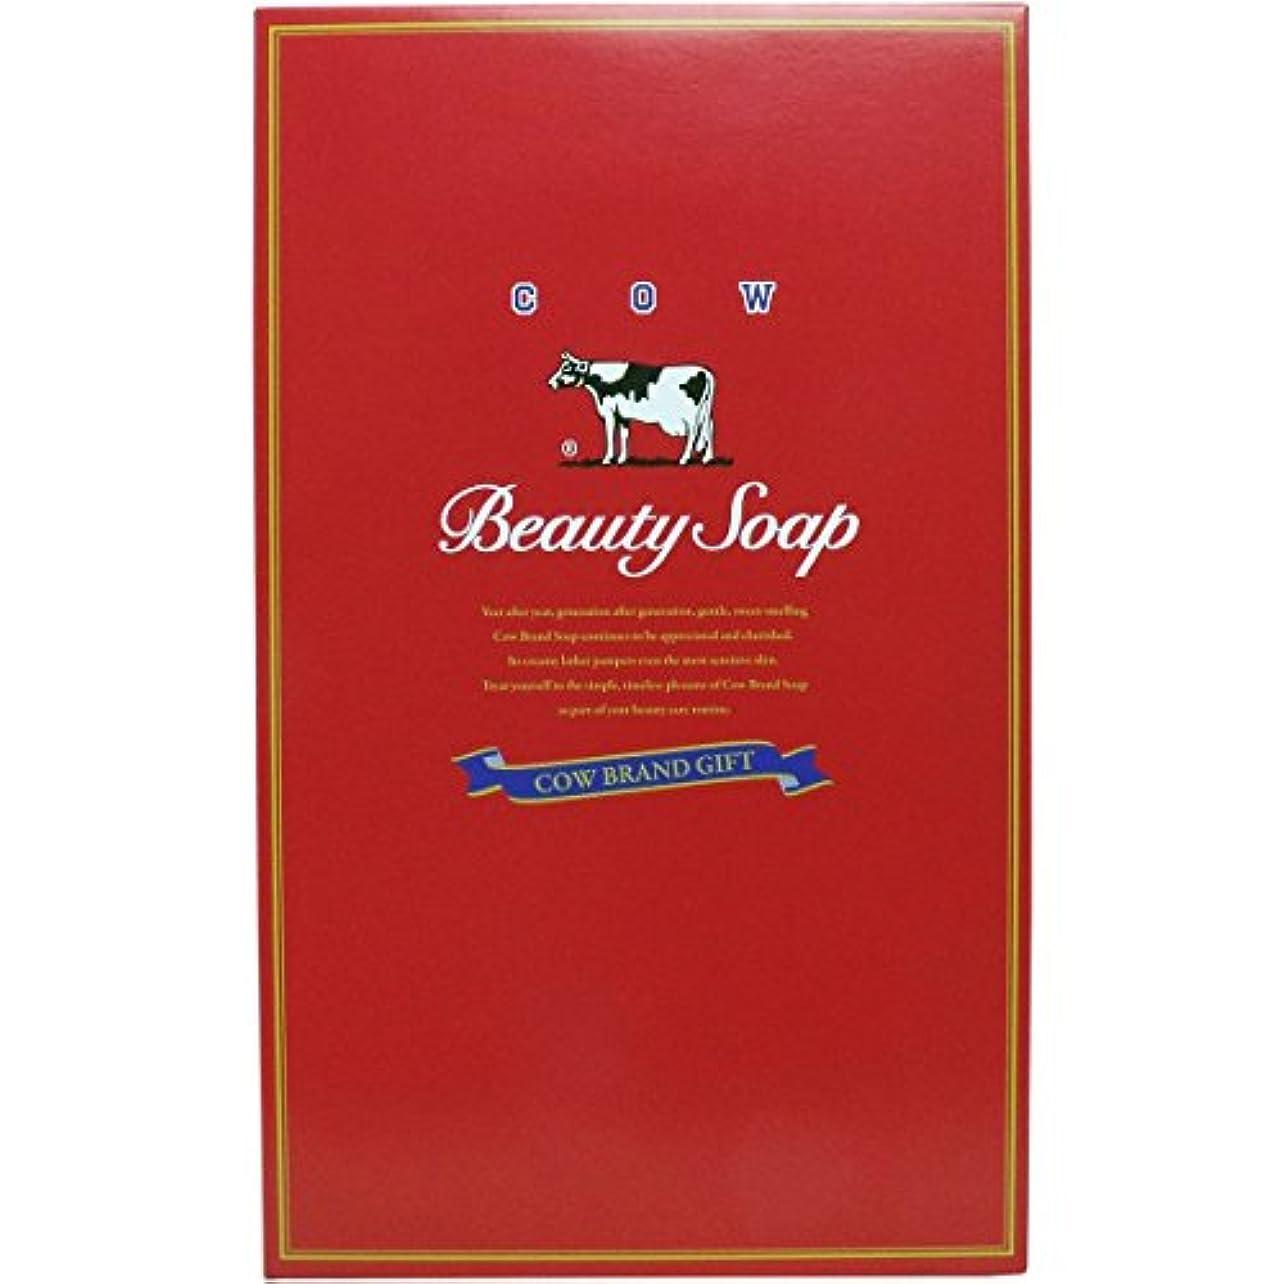 アジャ値する使い込むカウブランド 赤箱 10コ入 × 10個セット